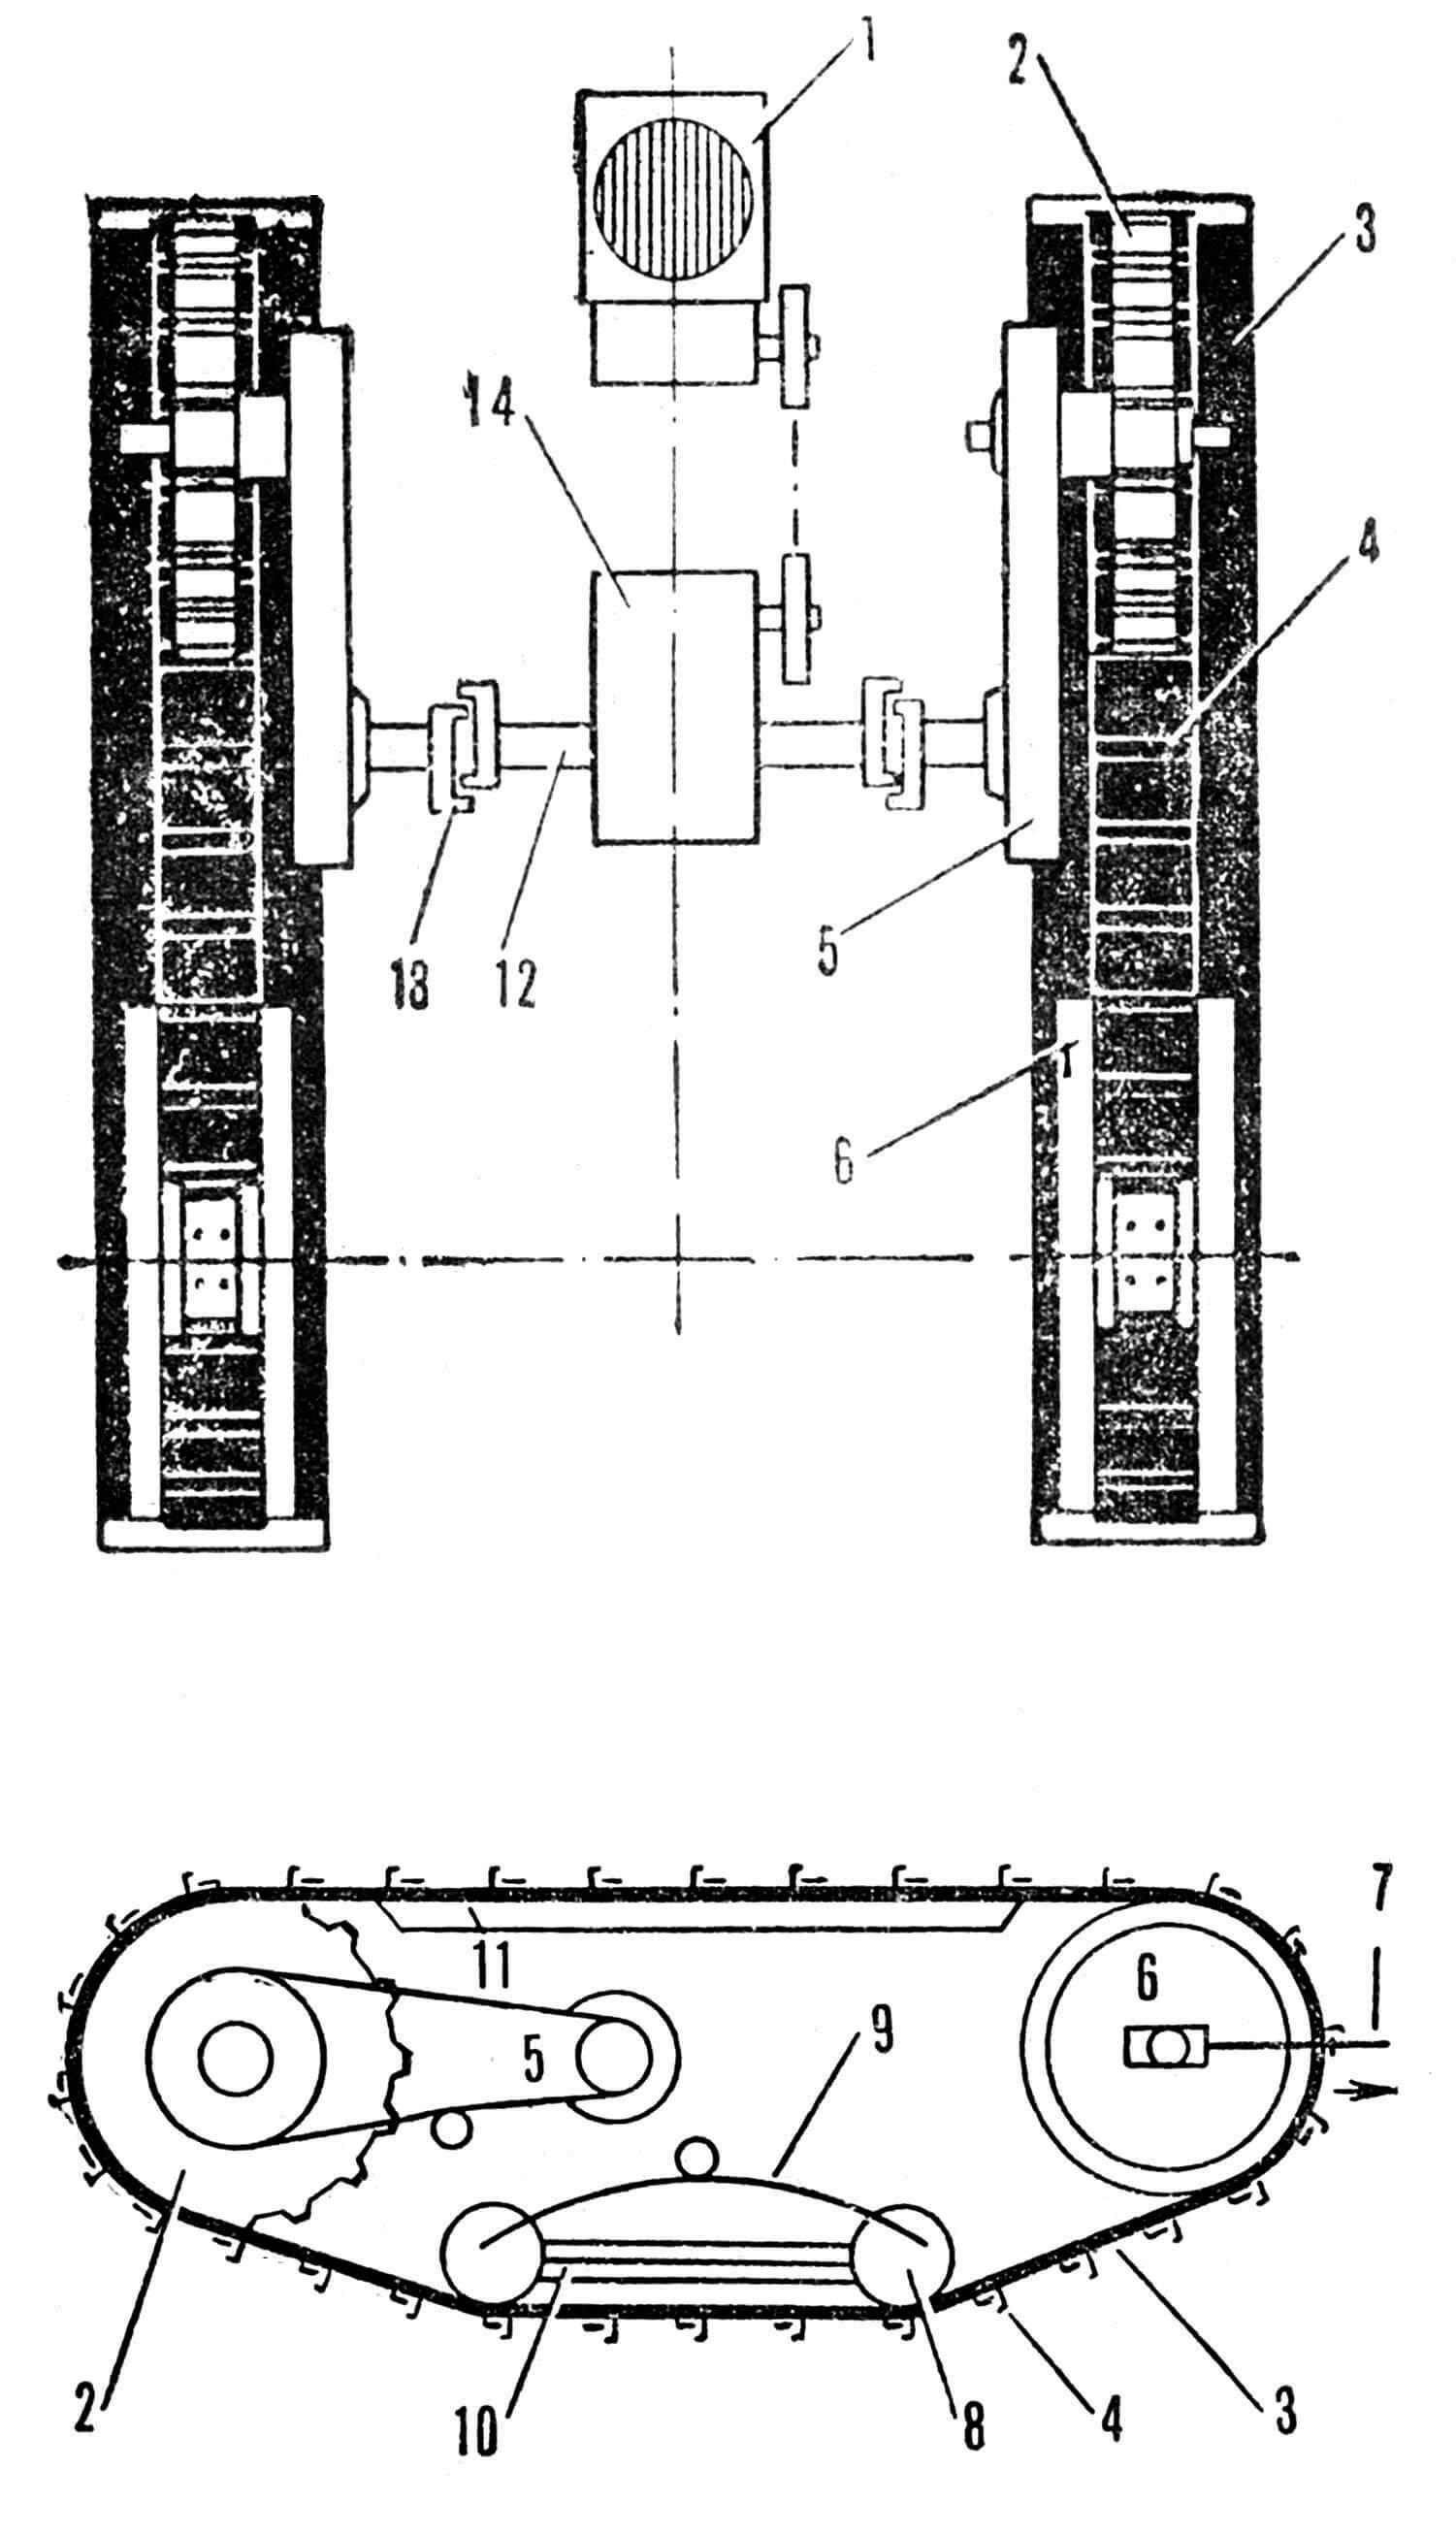 Рис. 2. Кинематическая схема снегохода: 1 — двигатель с коробкой перемены передач; 2 — ведущее колесо; 3 — лента гусеницы; 4 — снегозацепы; 5 — бортовой узел передачи; 6 — направляющее колесо; 7 — натяжной механизм; 8 — каток; 9 — рессора; 10 — тележка с подвеской; 11 — полозки ленты; 12 — полуось; 13 — упругая муфта; 14 — коробка передач.